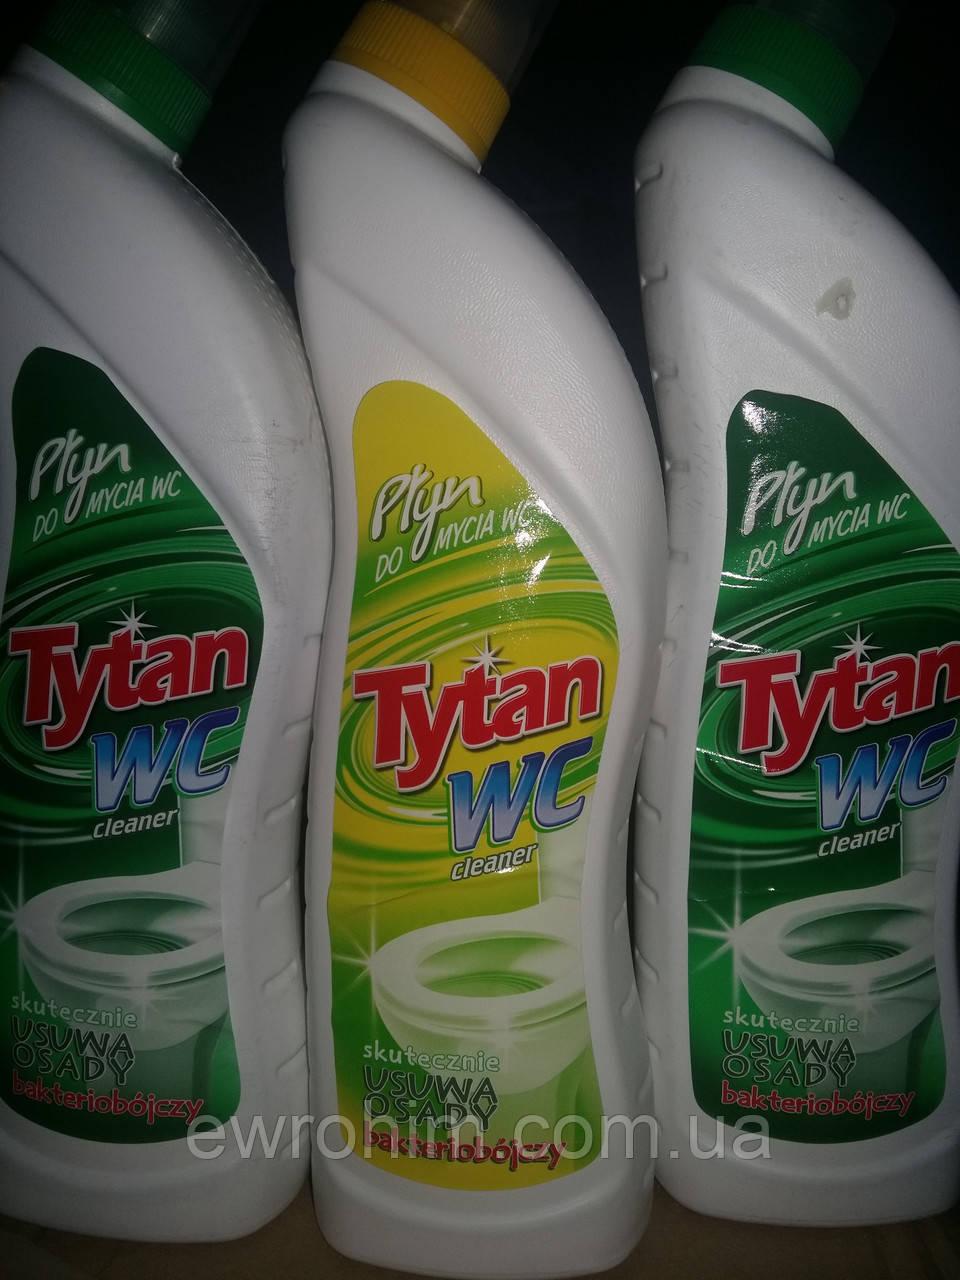 Средство для чистки туалетной и ванной комнаты Tytan, 700 мл